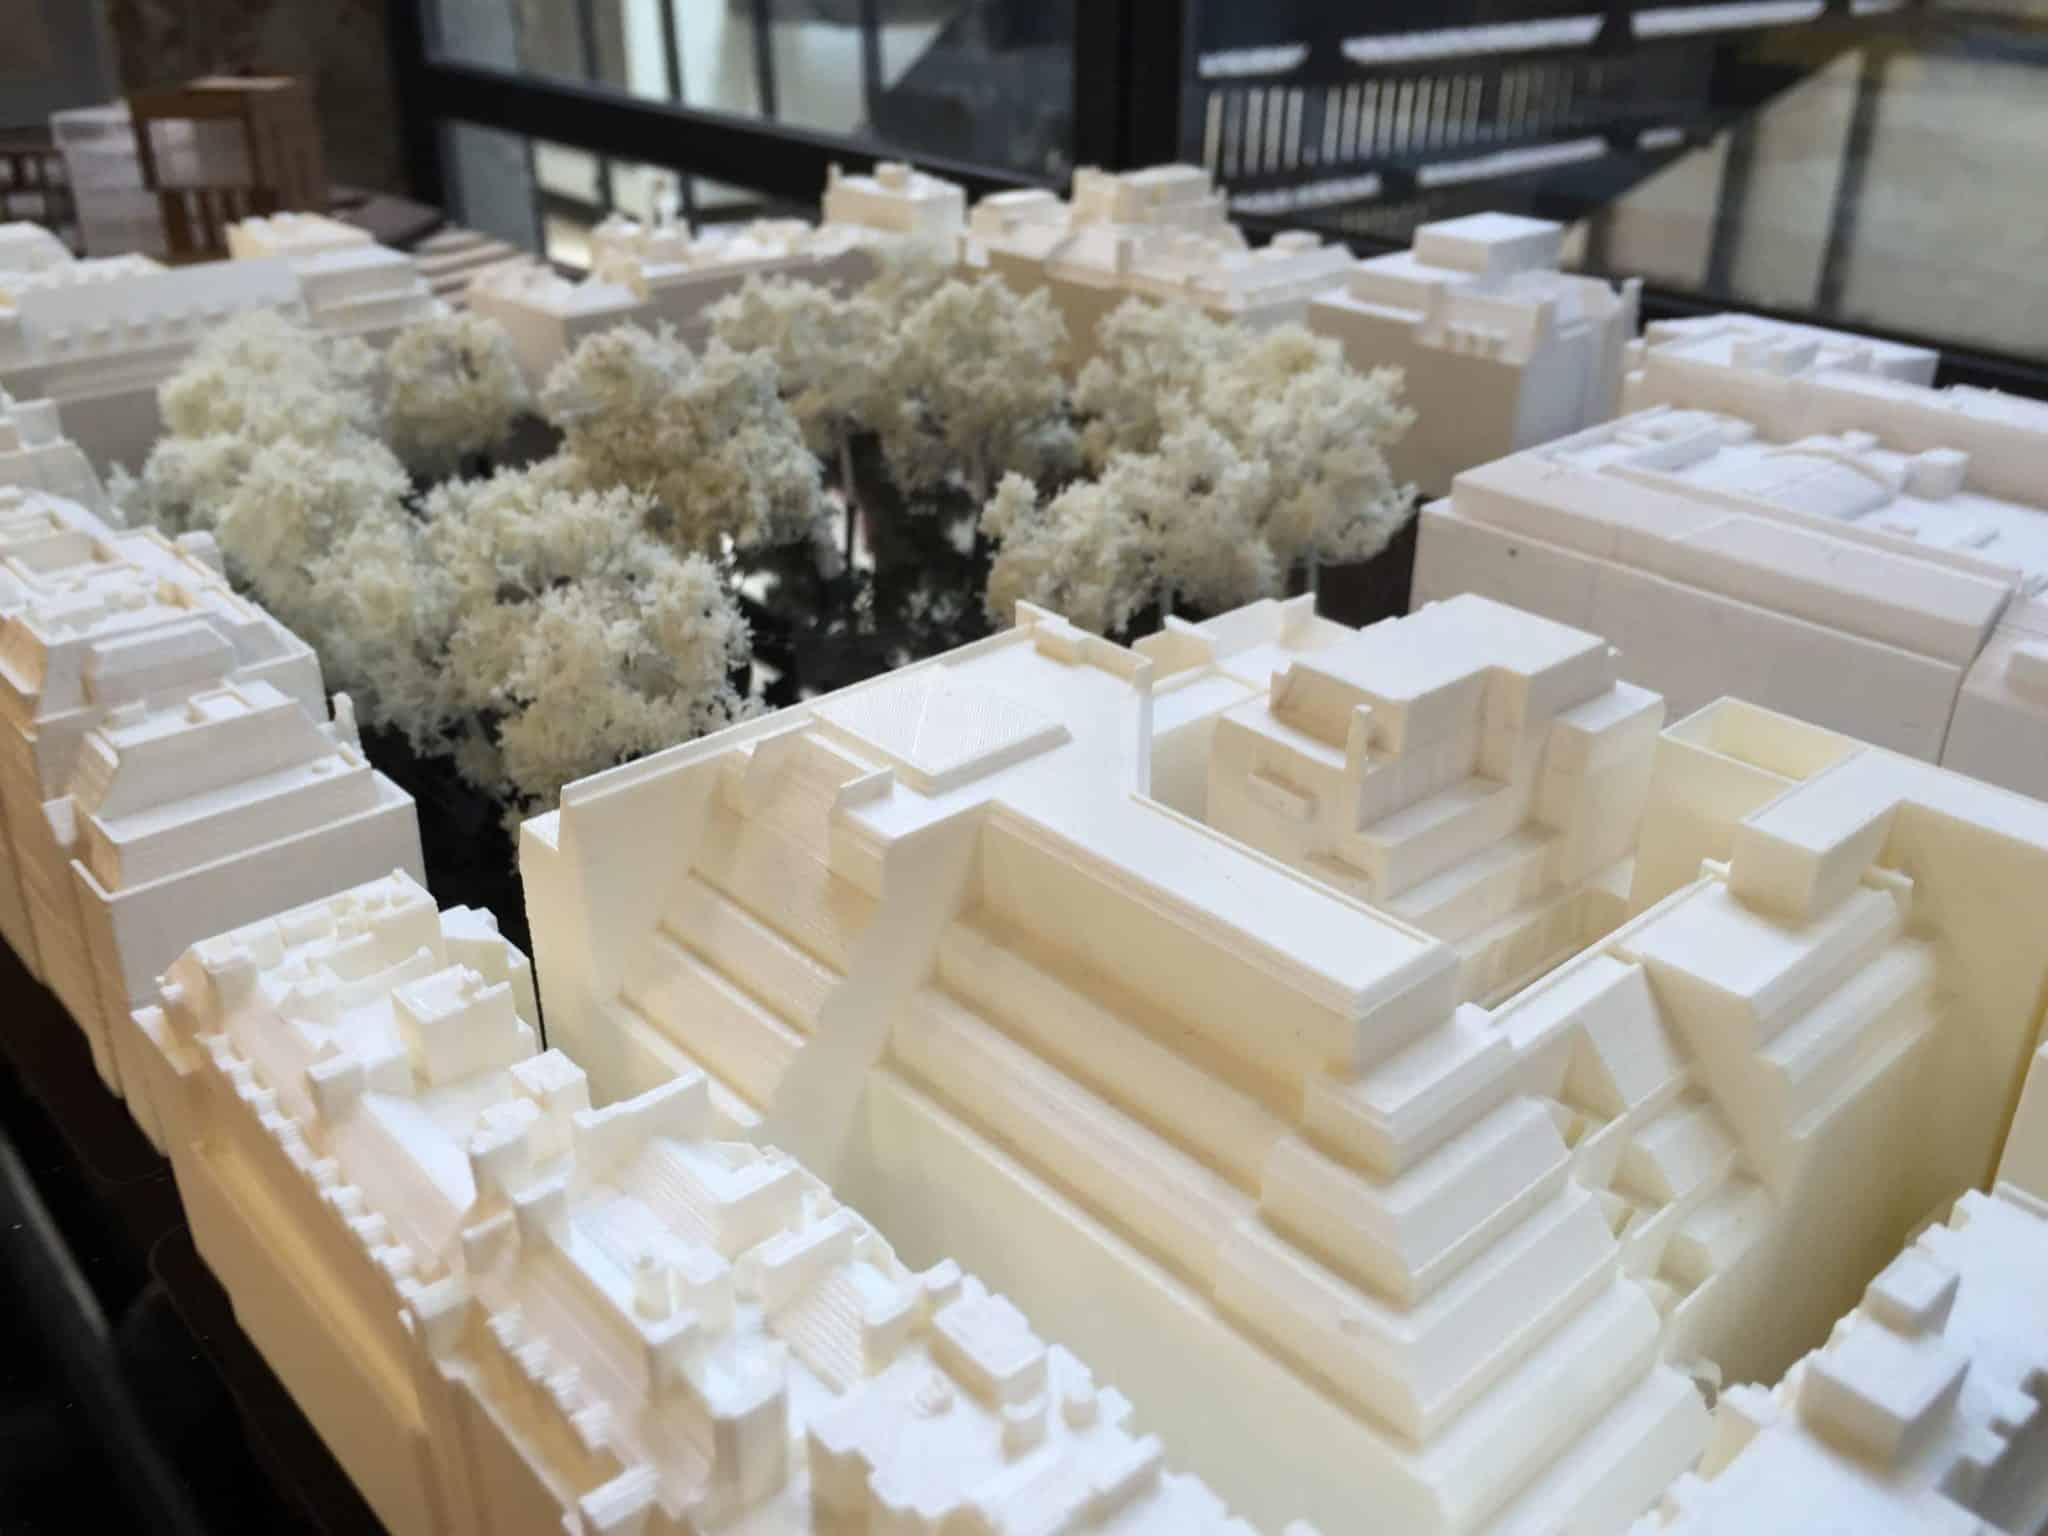 maquette maison 3D  Impression 3D et architecture Photo 17 07 2015 12 18 21 scaled